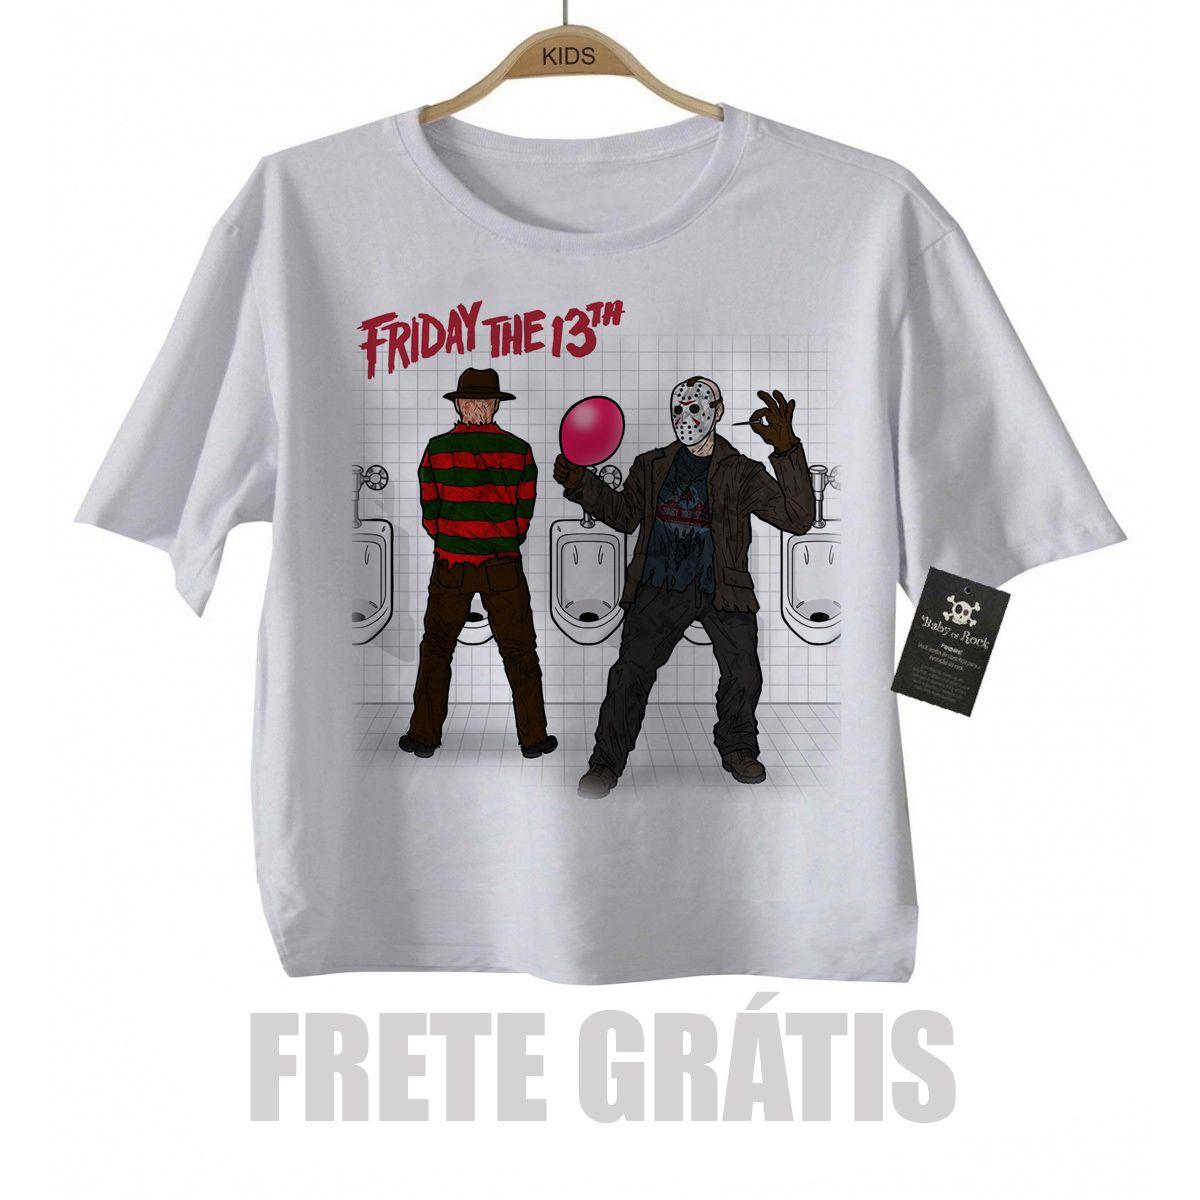 Camiseta Infantil terror - Sexta Feira 13 - White  - Baby Monster S/A